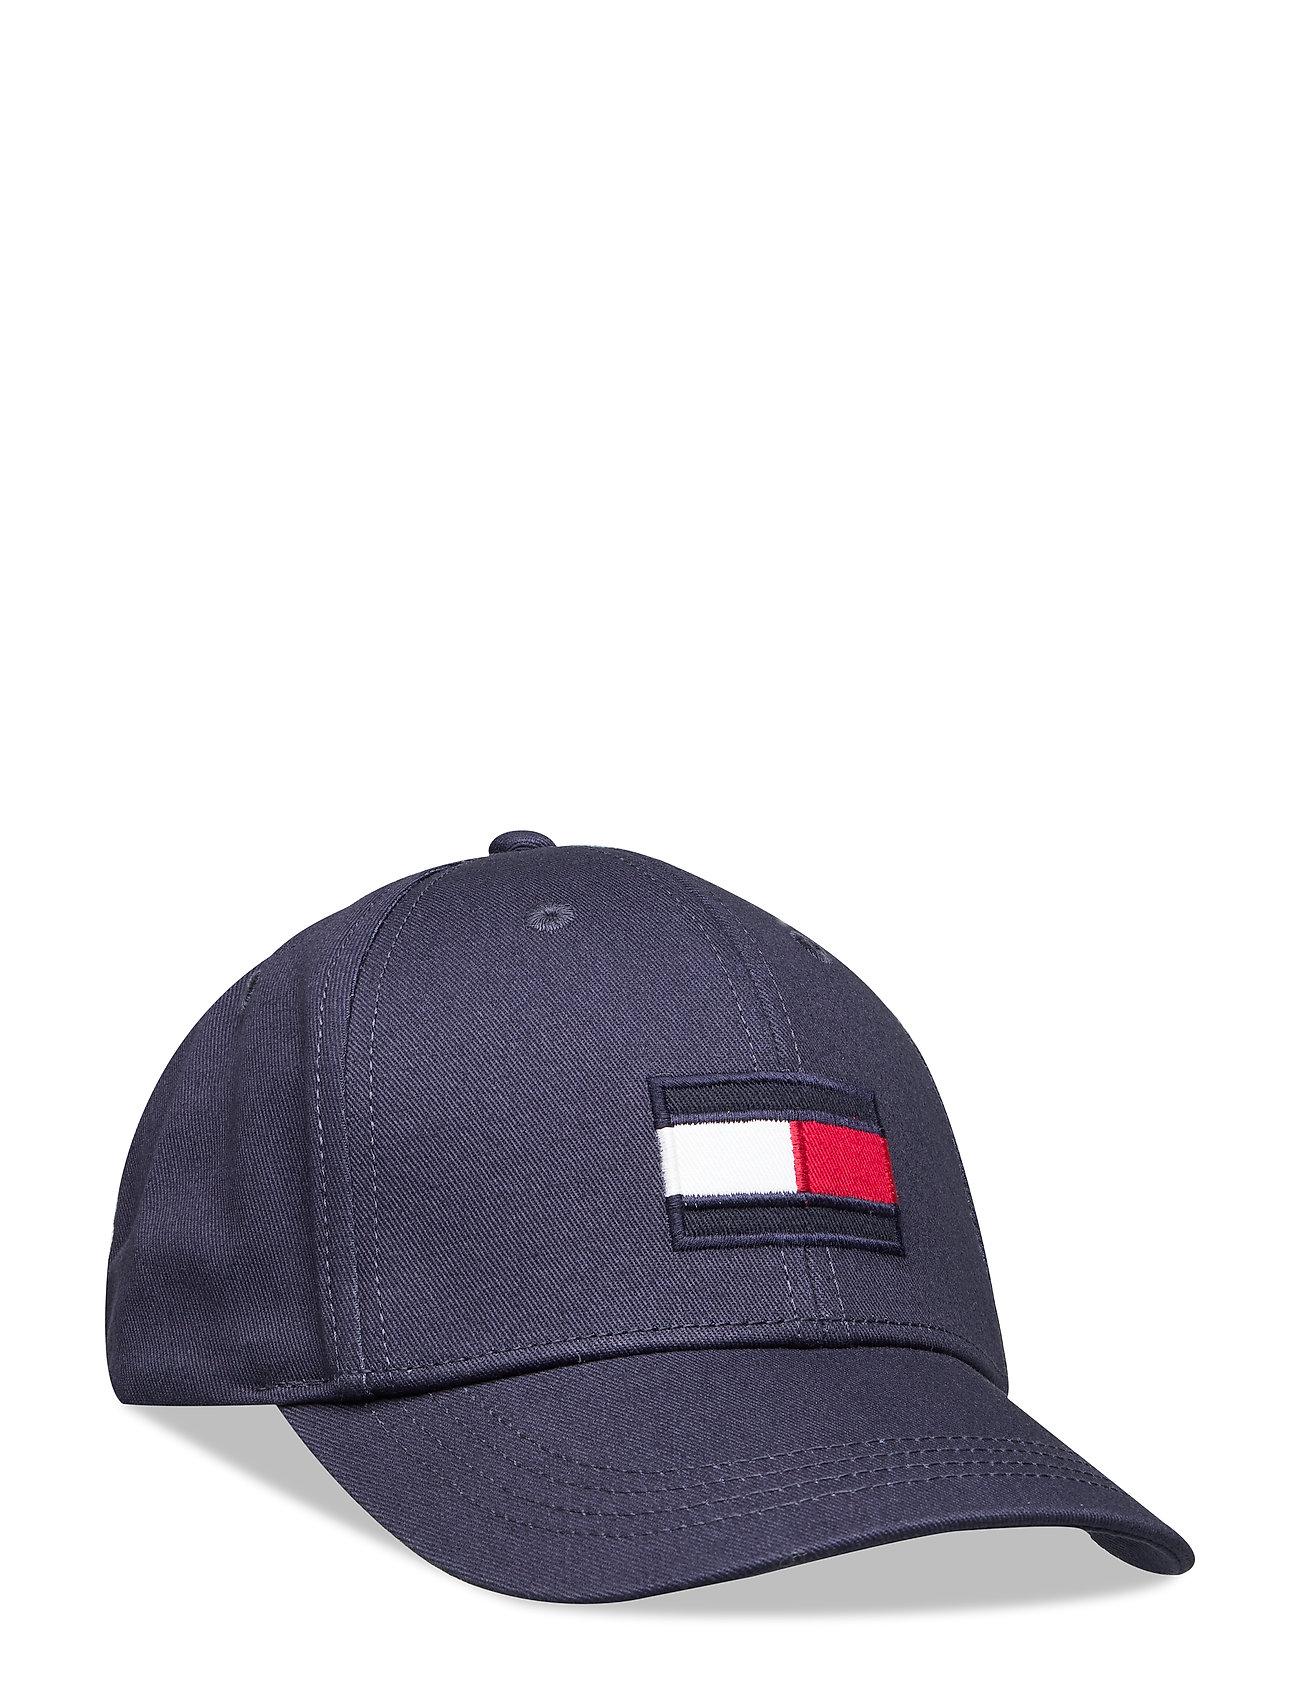 Tommy Hilfiger BIG FLAG CAP - BLACK IRIS